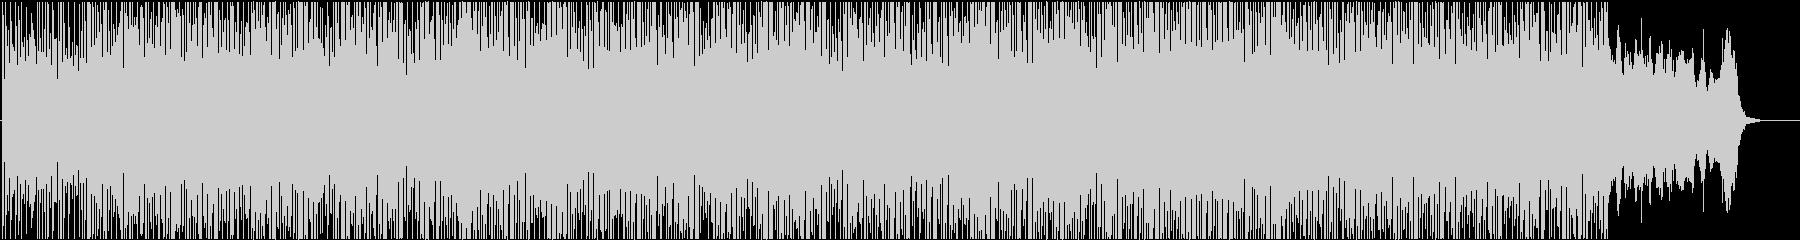 ピアノとフルートの幻想的なエレクトロニカの未再生の波形